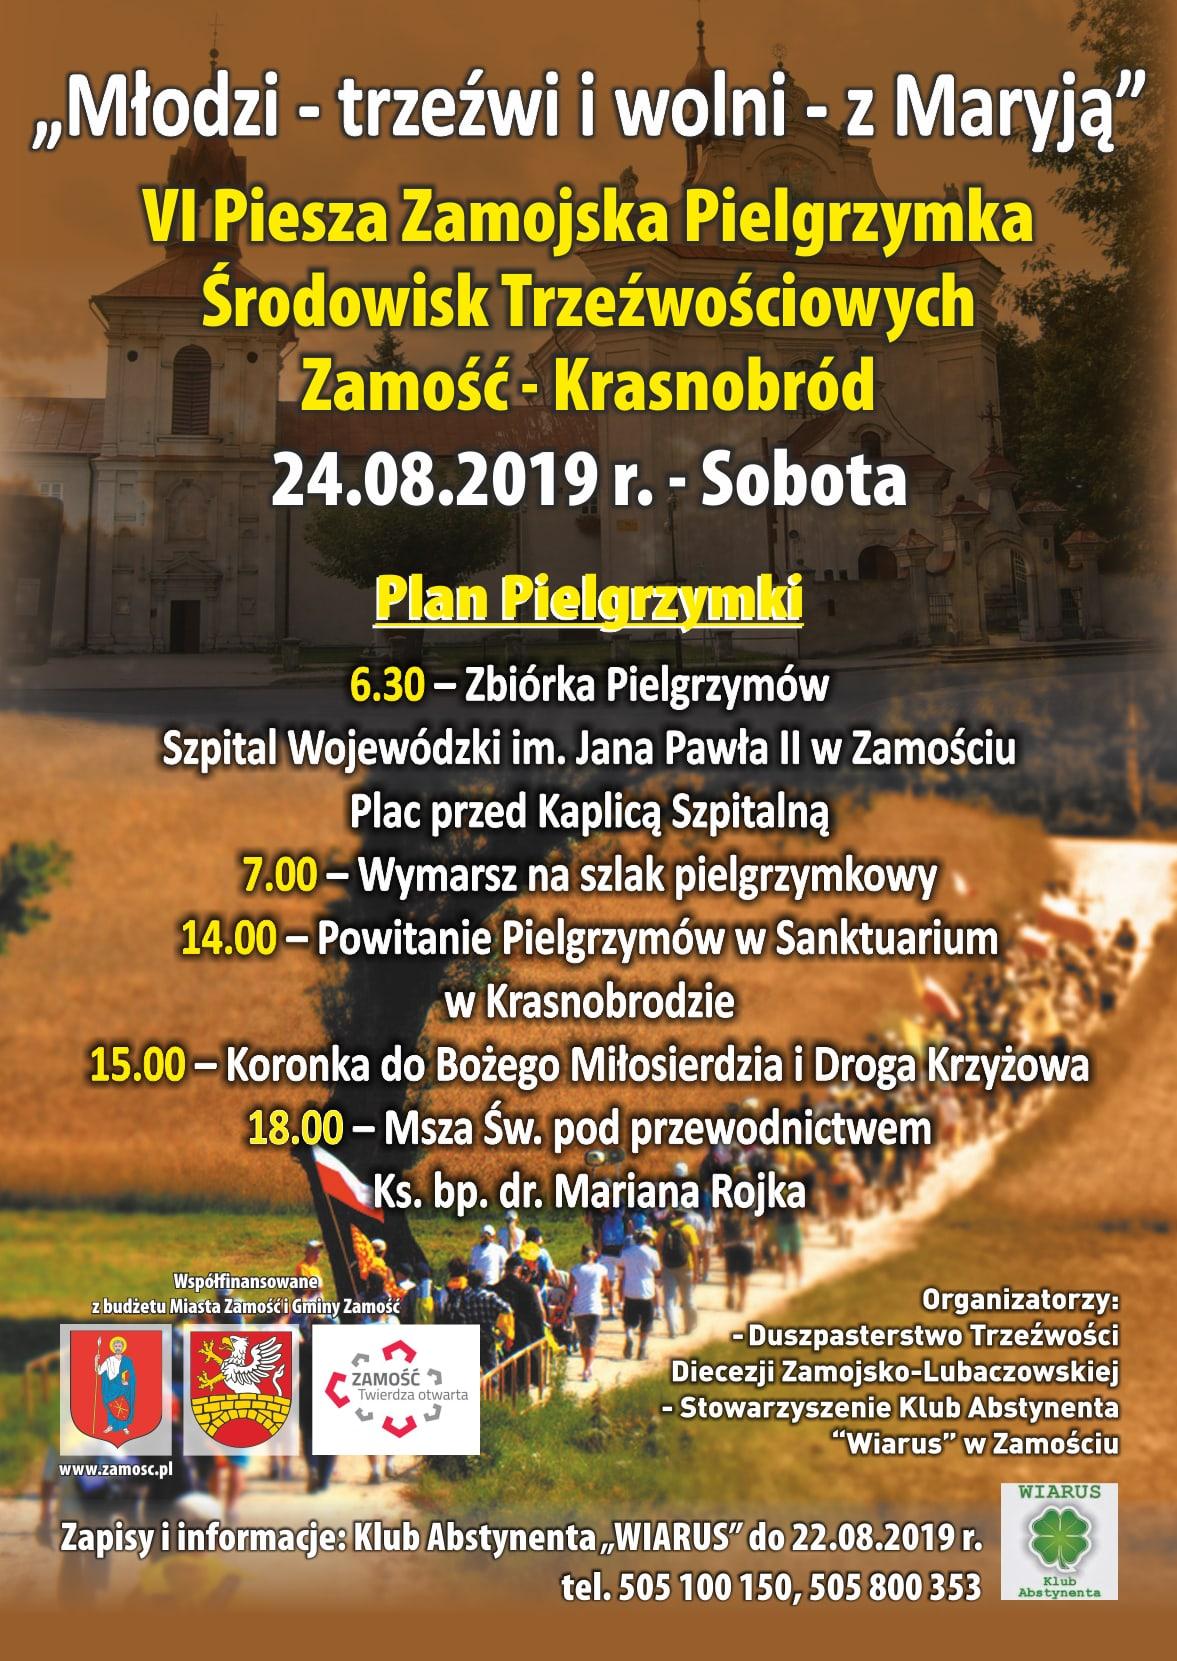 koraszynski pielgrzymka trzezwosci 2019 Z Zamościa do Krasnobrodu w imię trzeźwości.